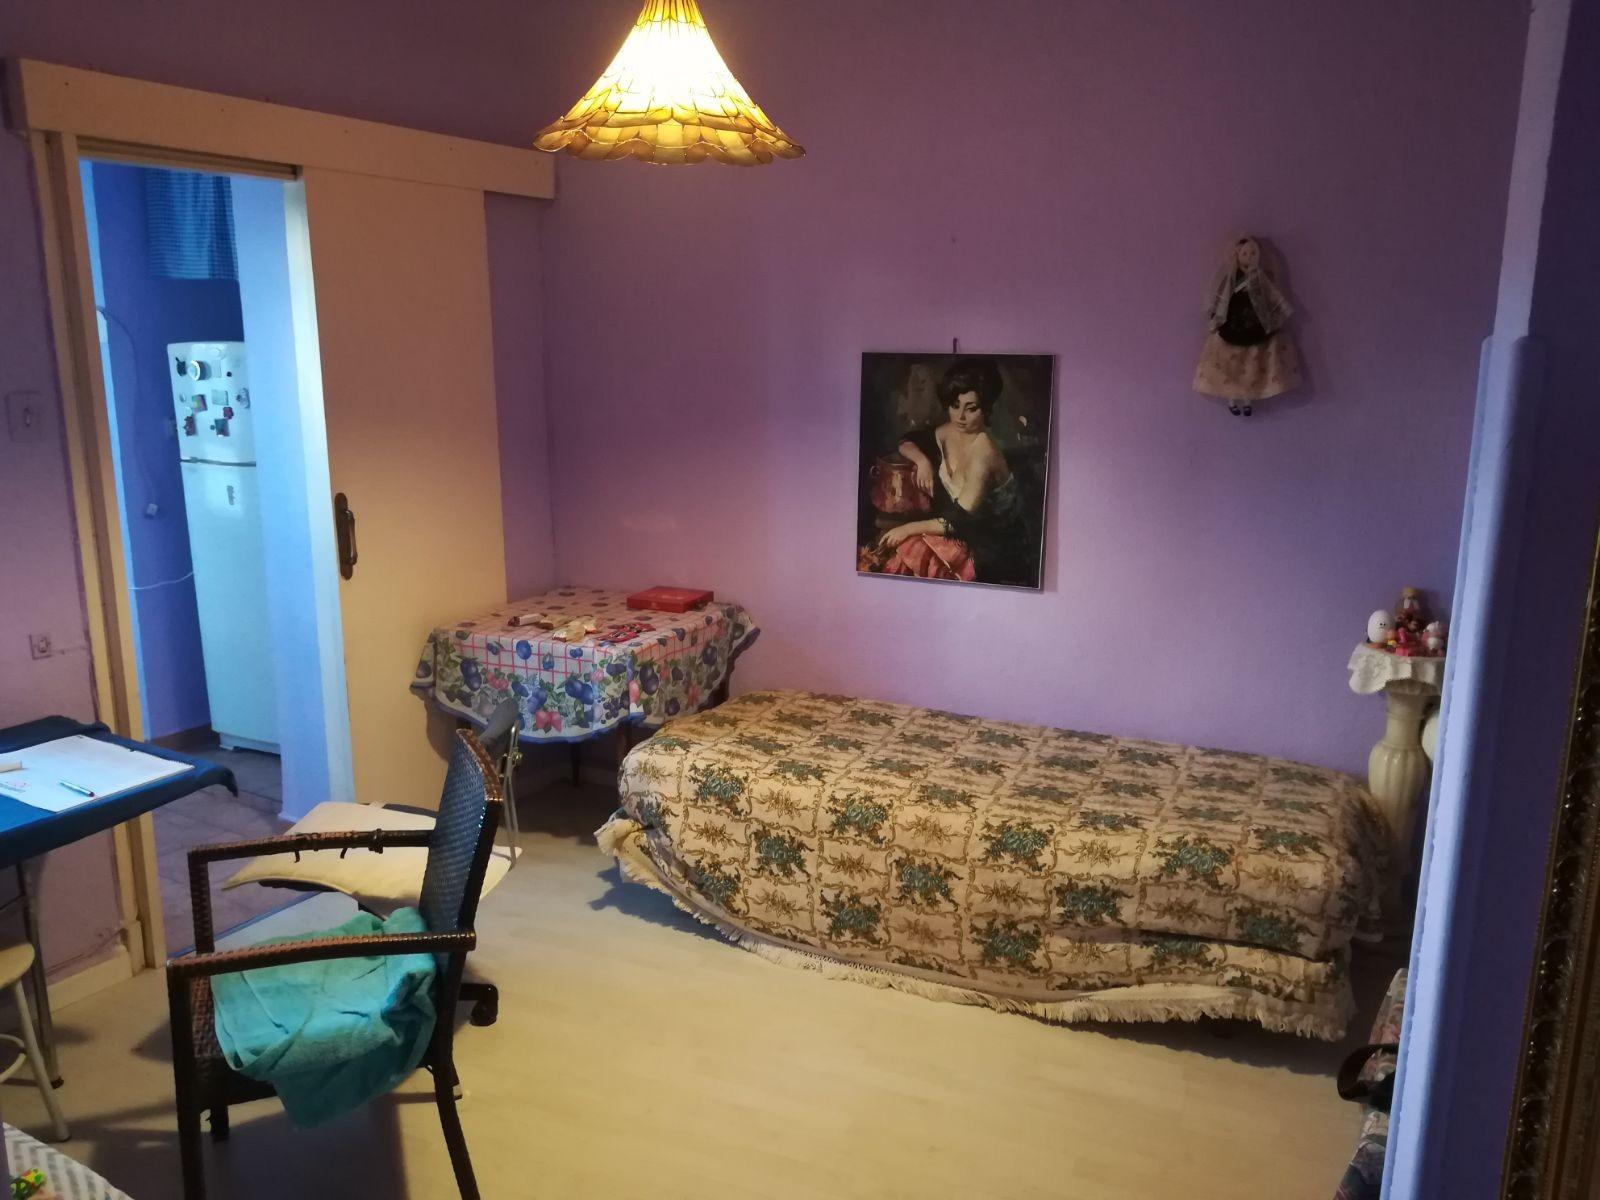 3rd-floor-2-bedroom-apartment-mercado-b60b352f8f851556df018f3a8d482425